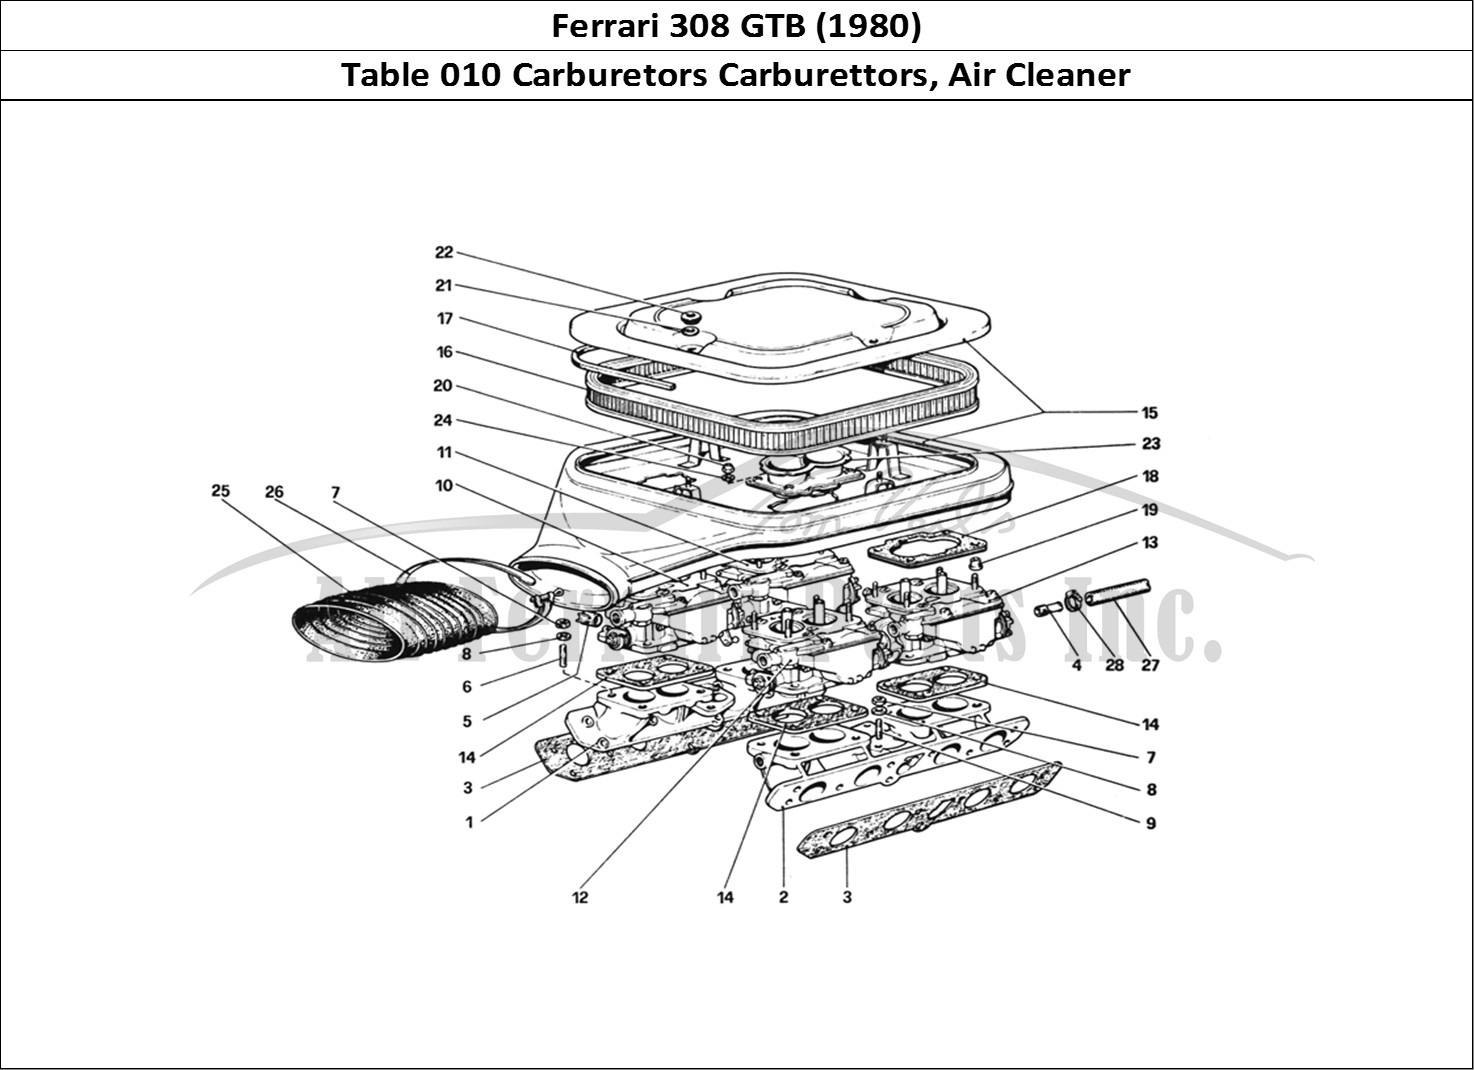 Buy original Ferrari 308 GTB (1980) 010 Carburetors